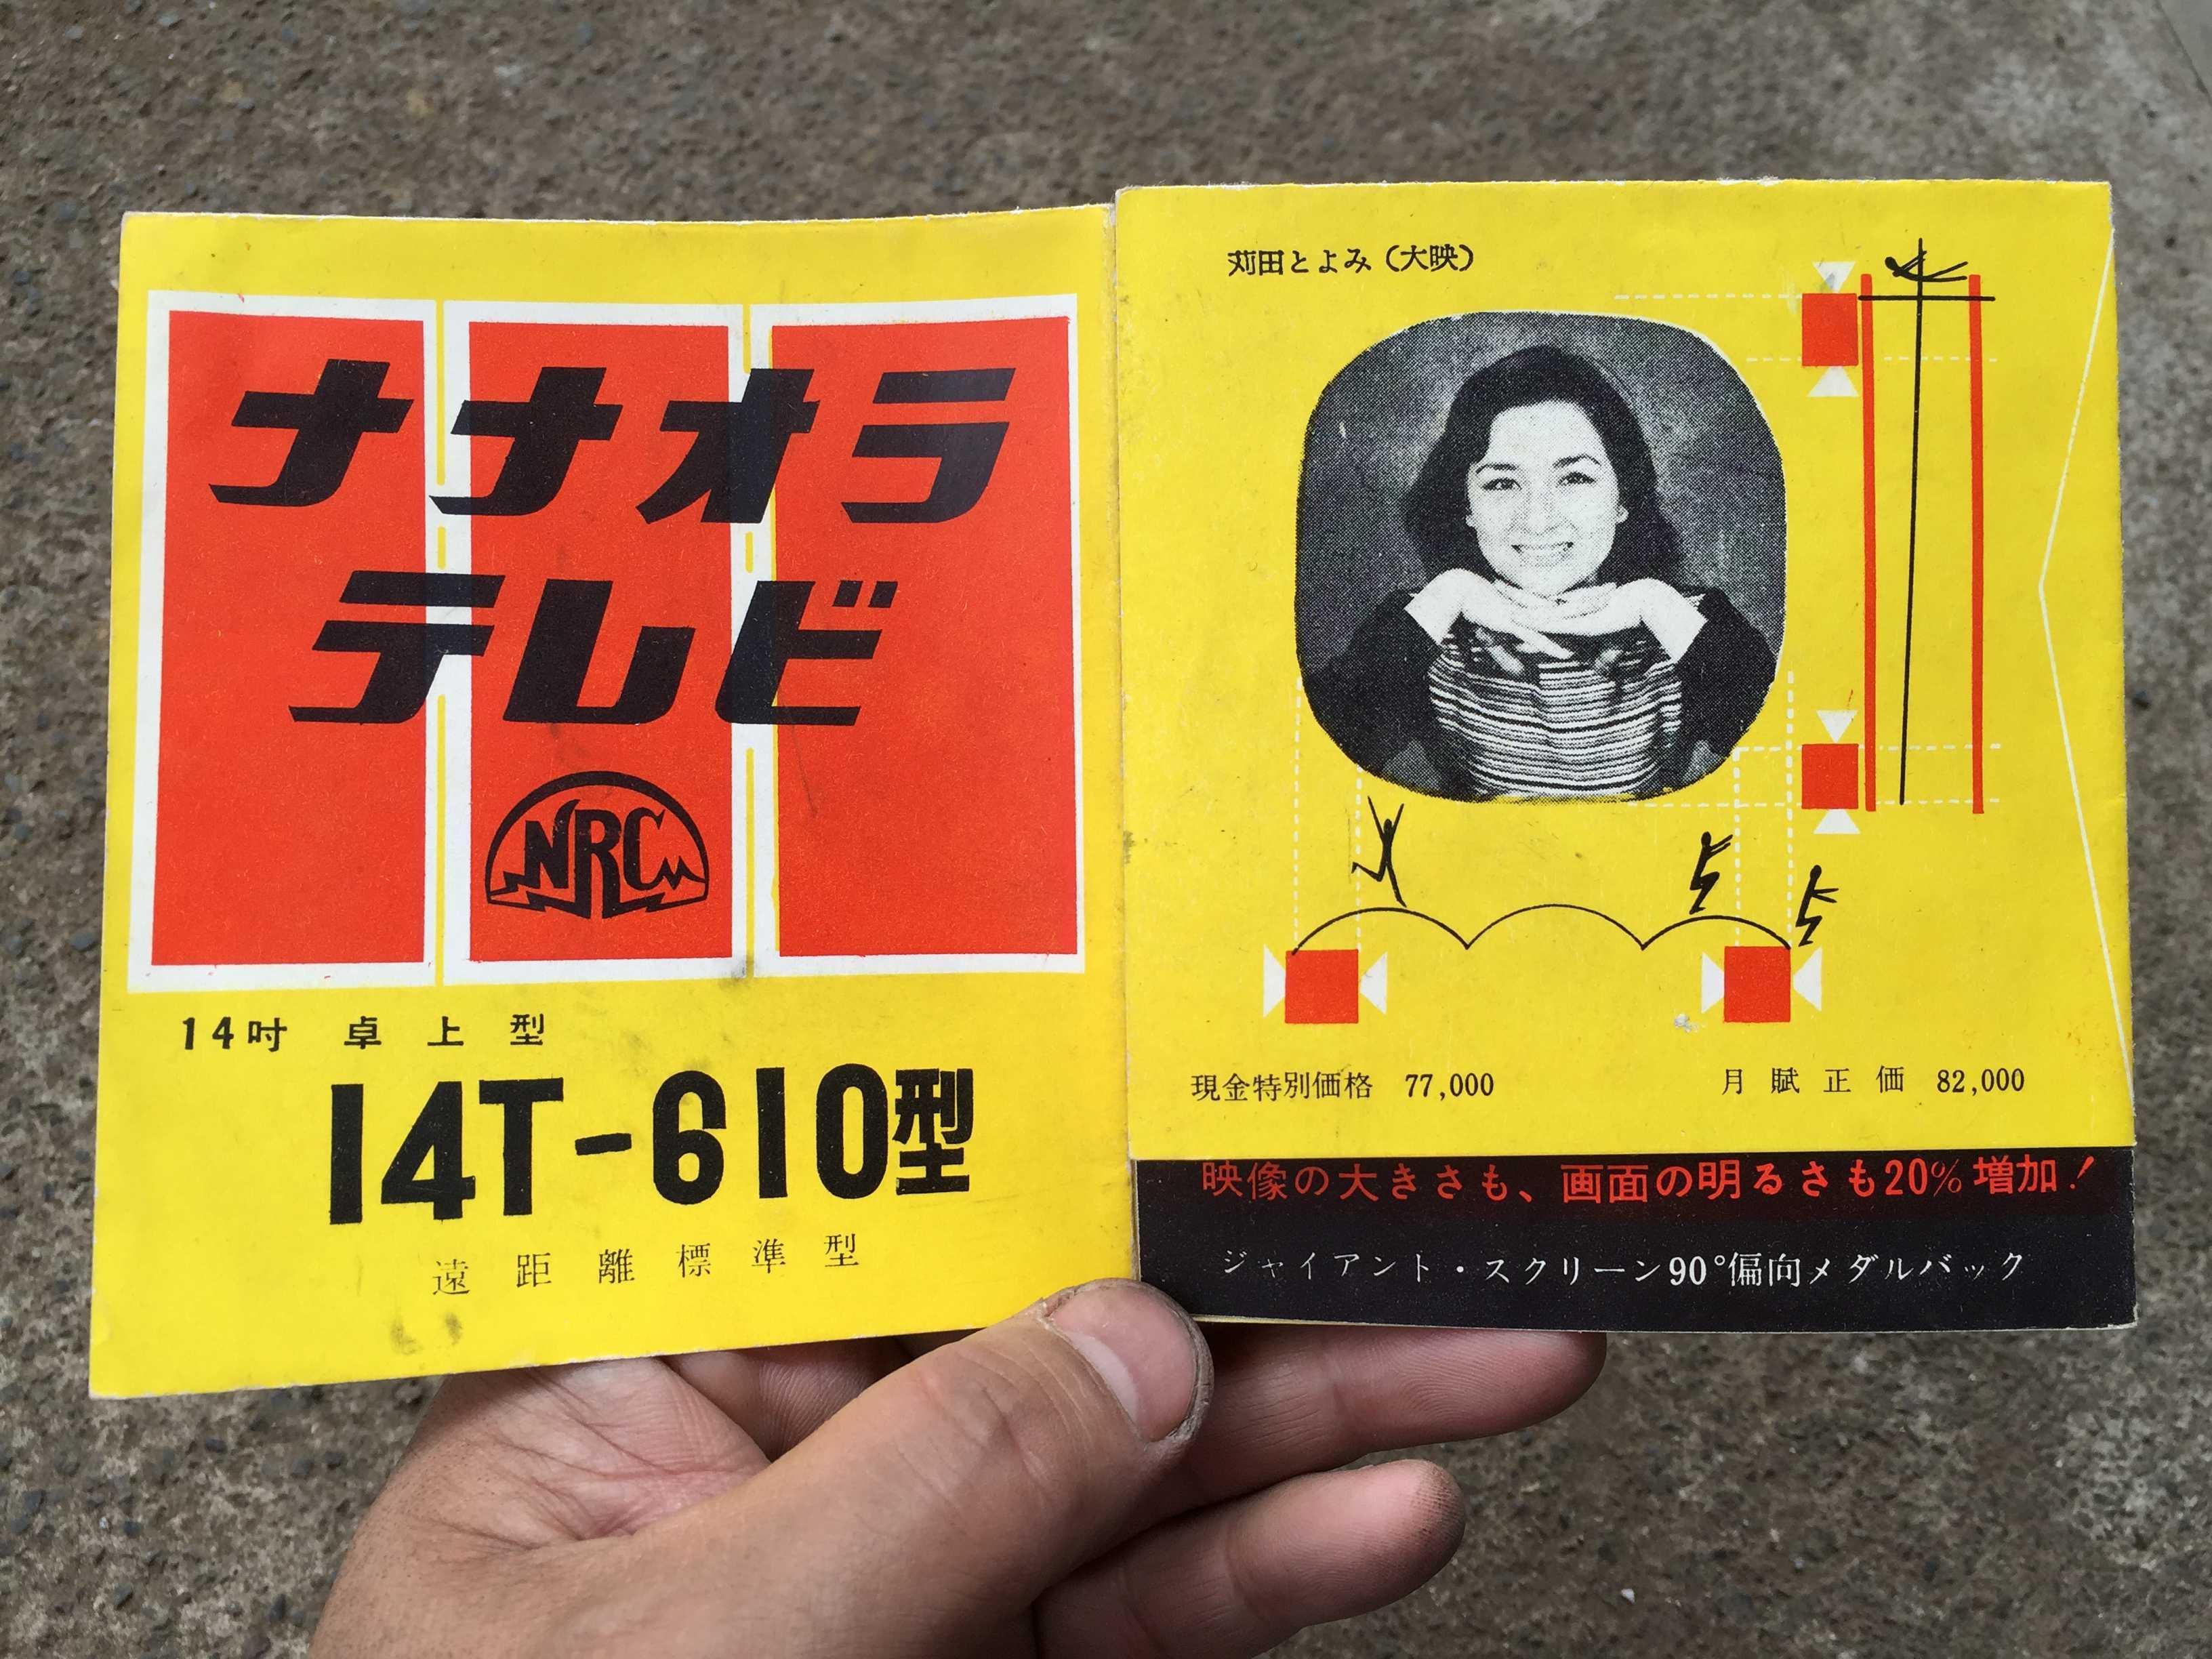 ナナオラテレビ(NRC) 14吋(インチ) 卓上型 14T-610型 遠距離標準型